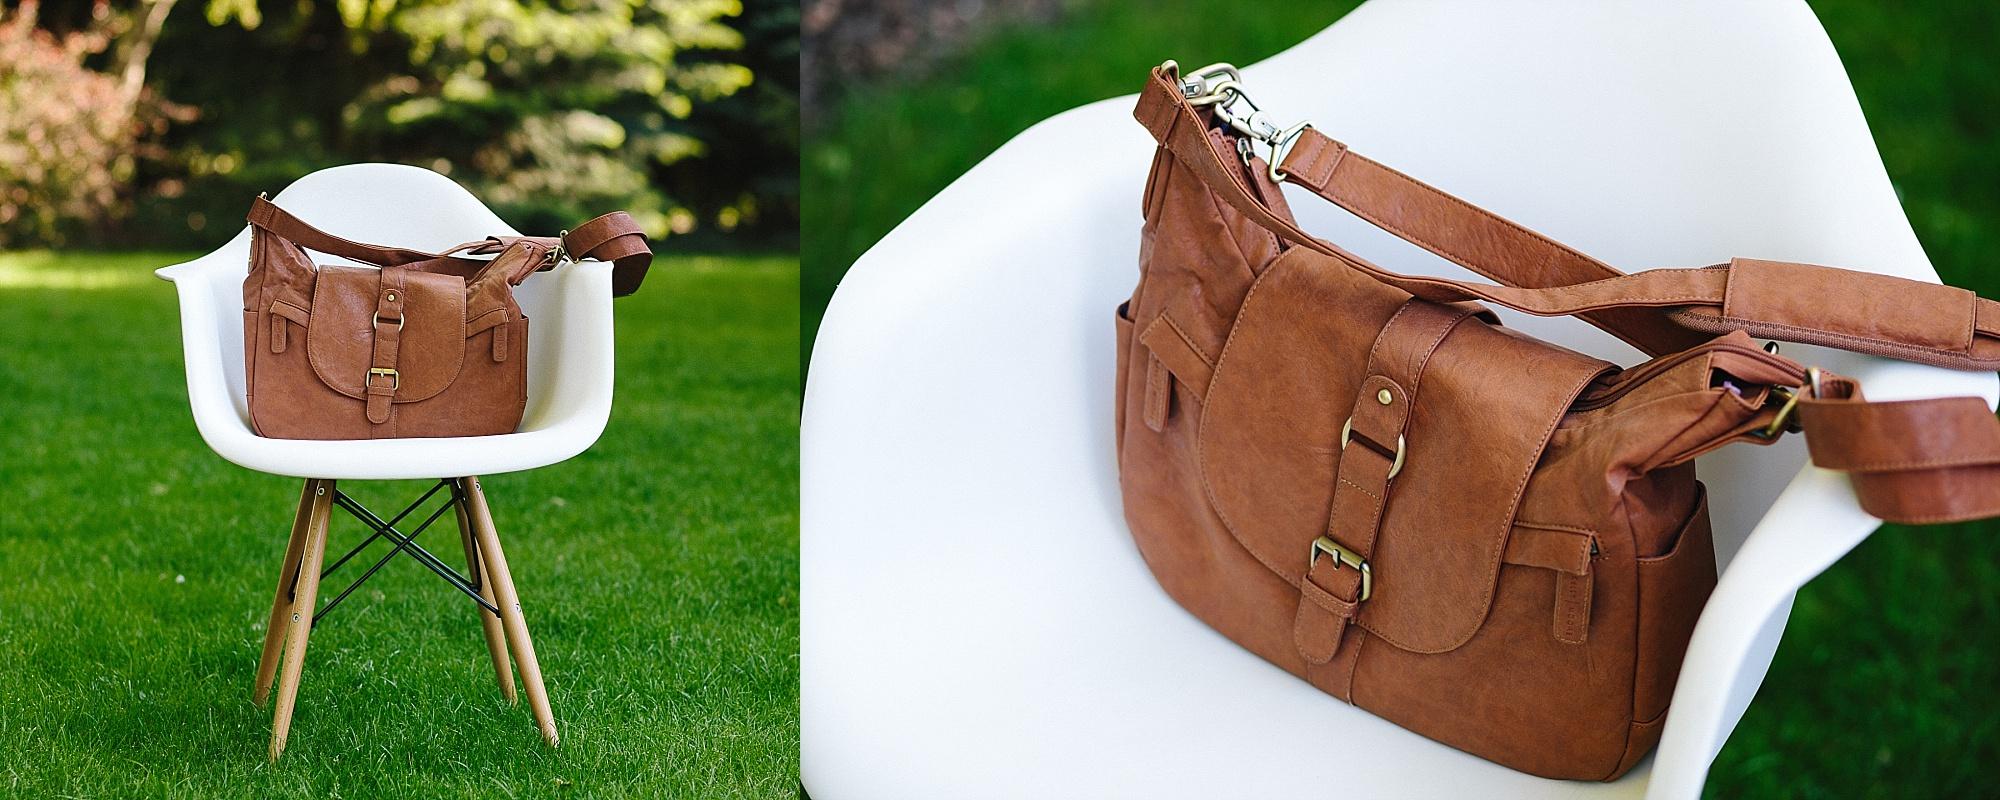 damska torebka fotograficzna Kelly Moore Hobo bag